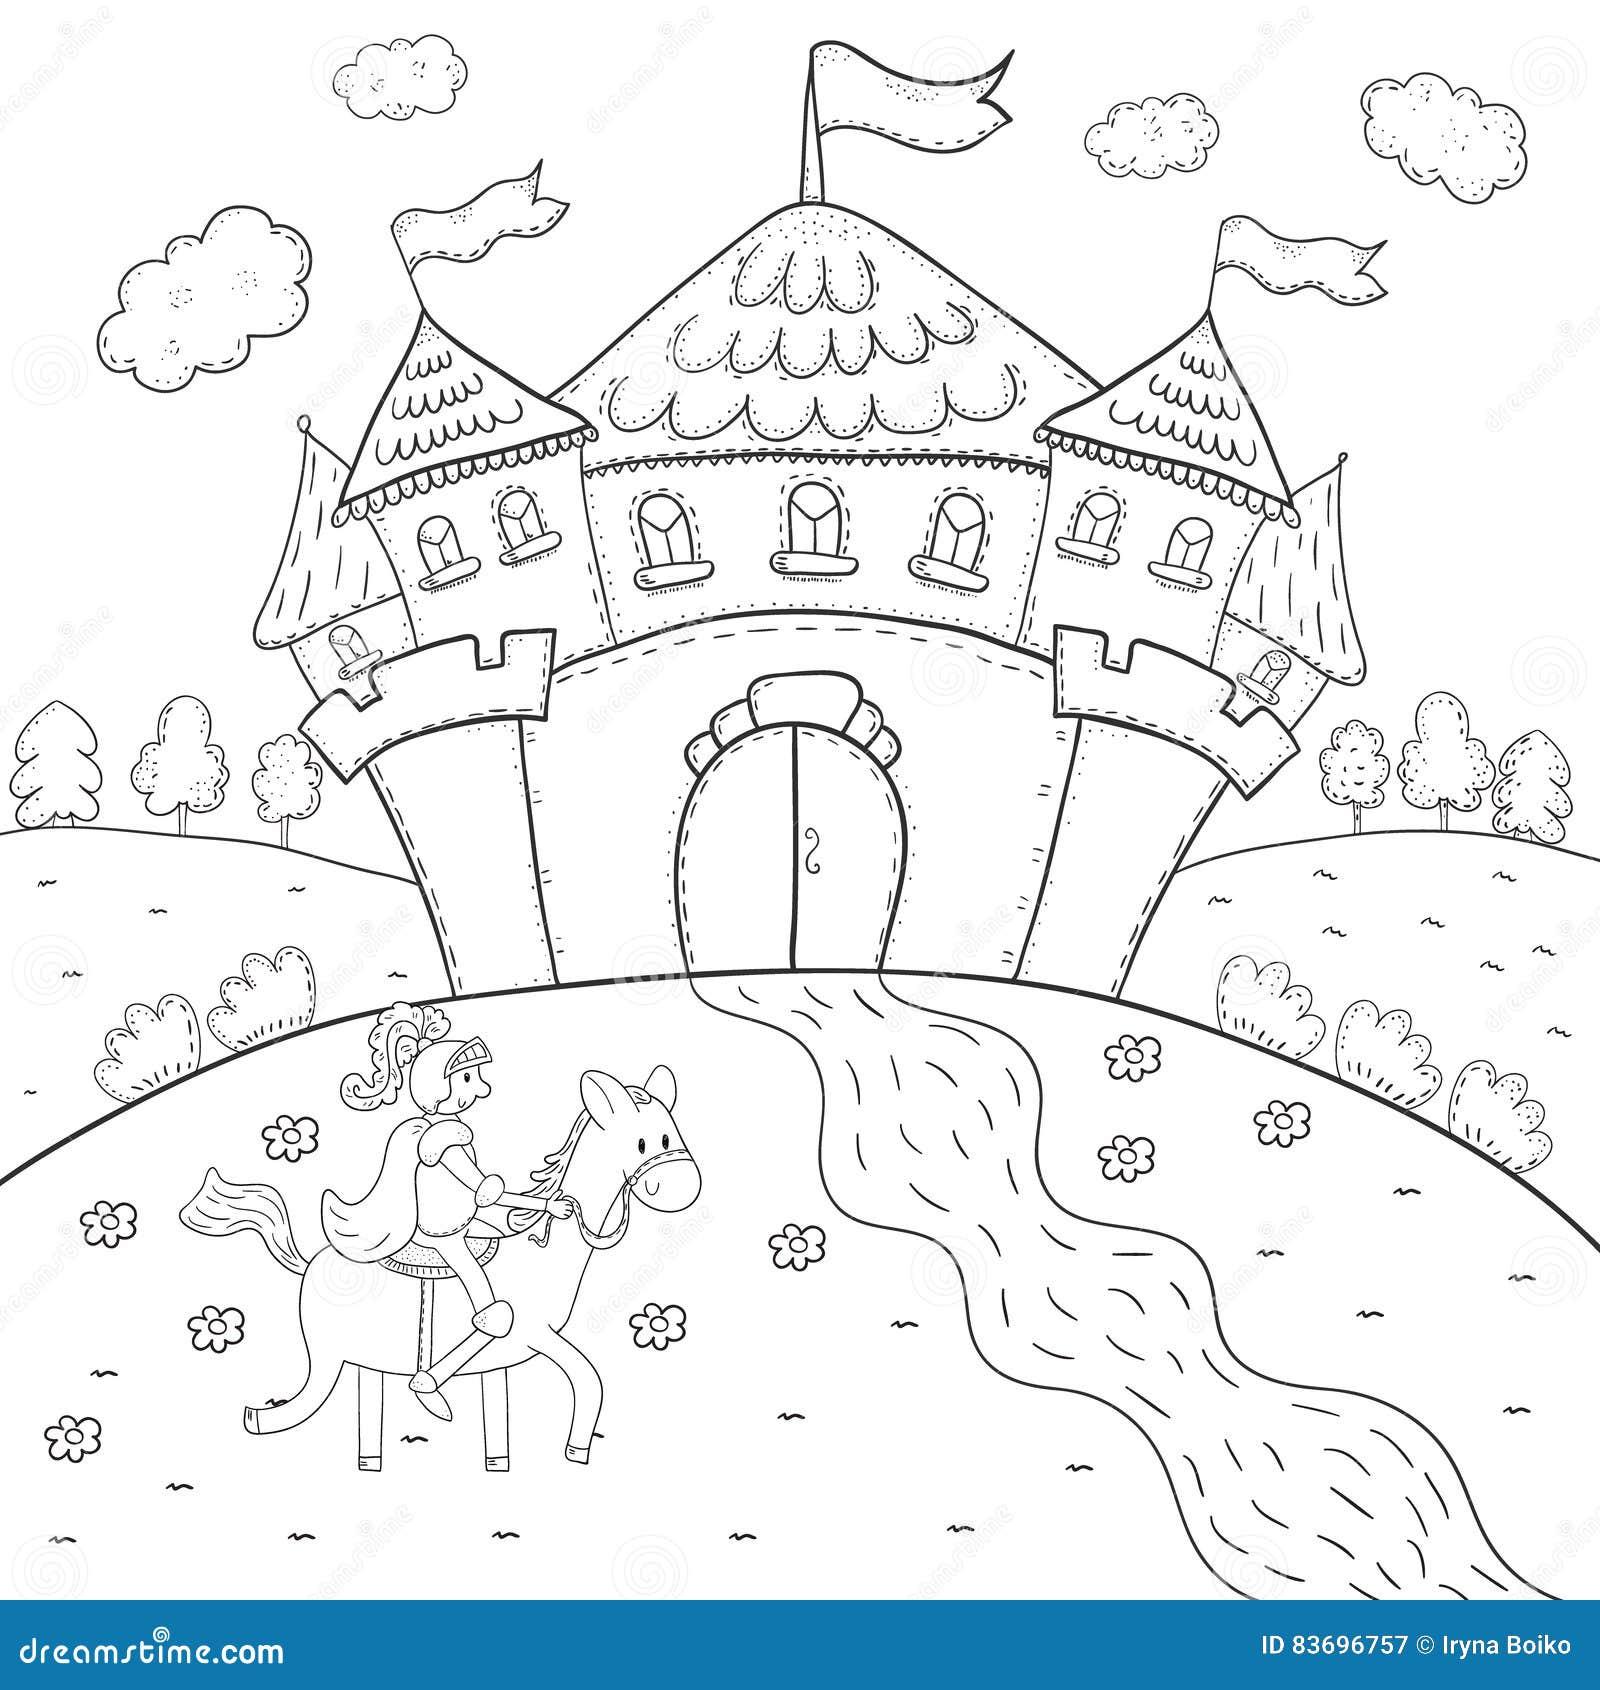 рыцарь картинка для детей